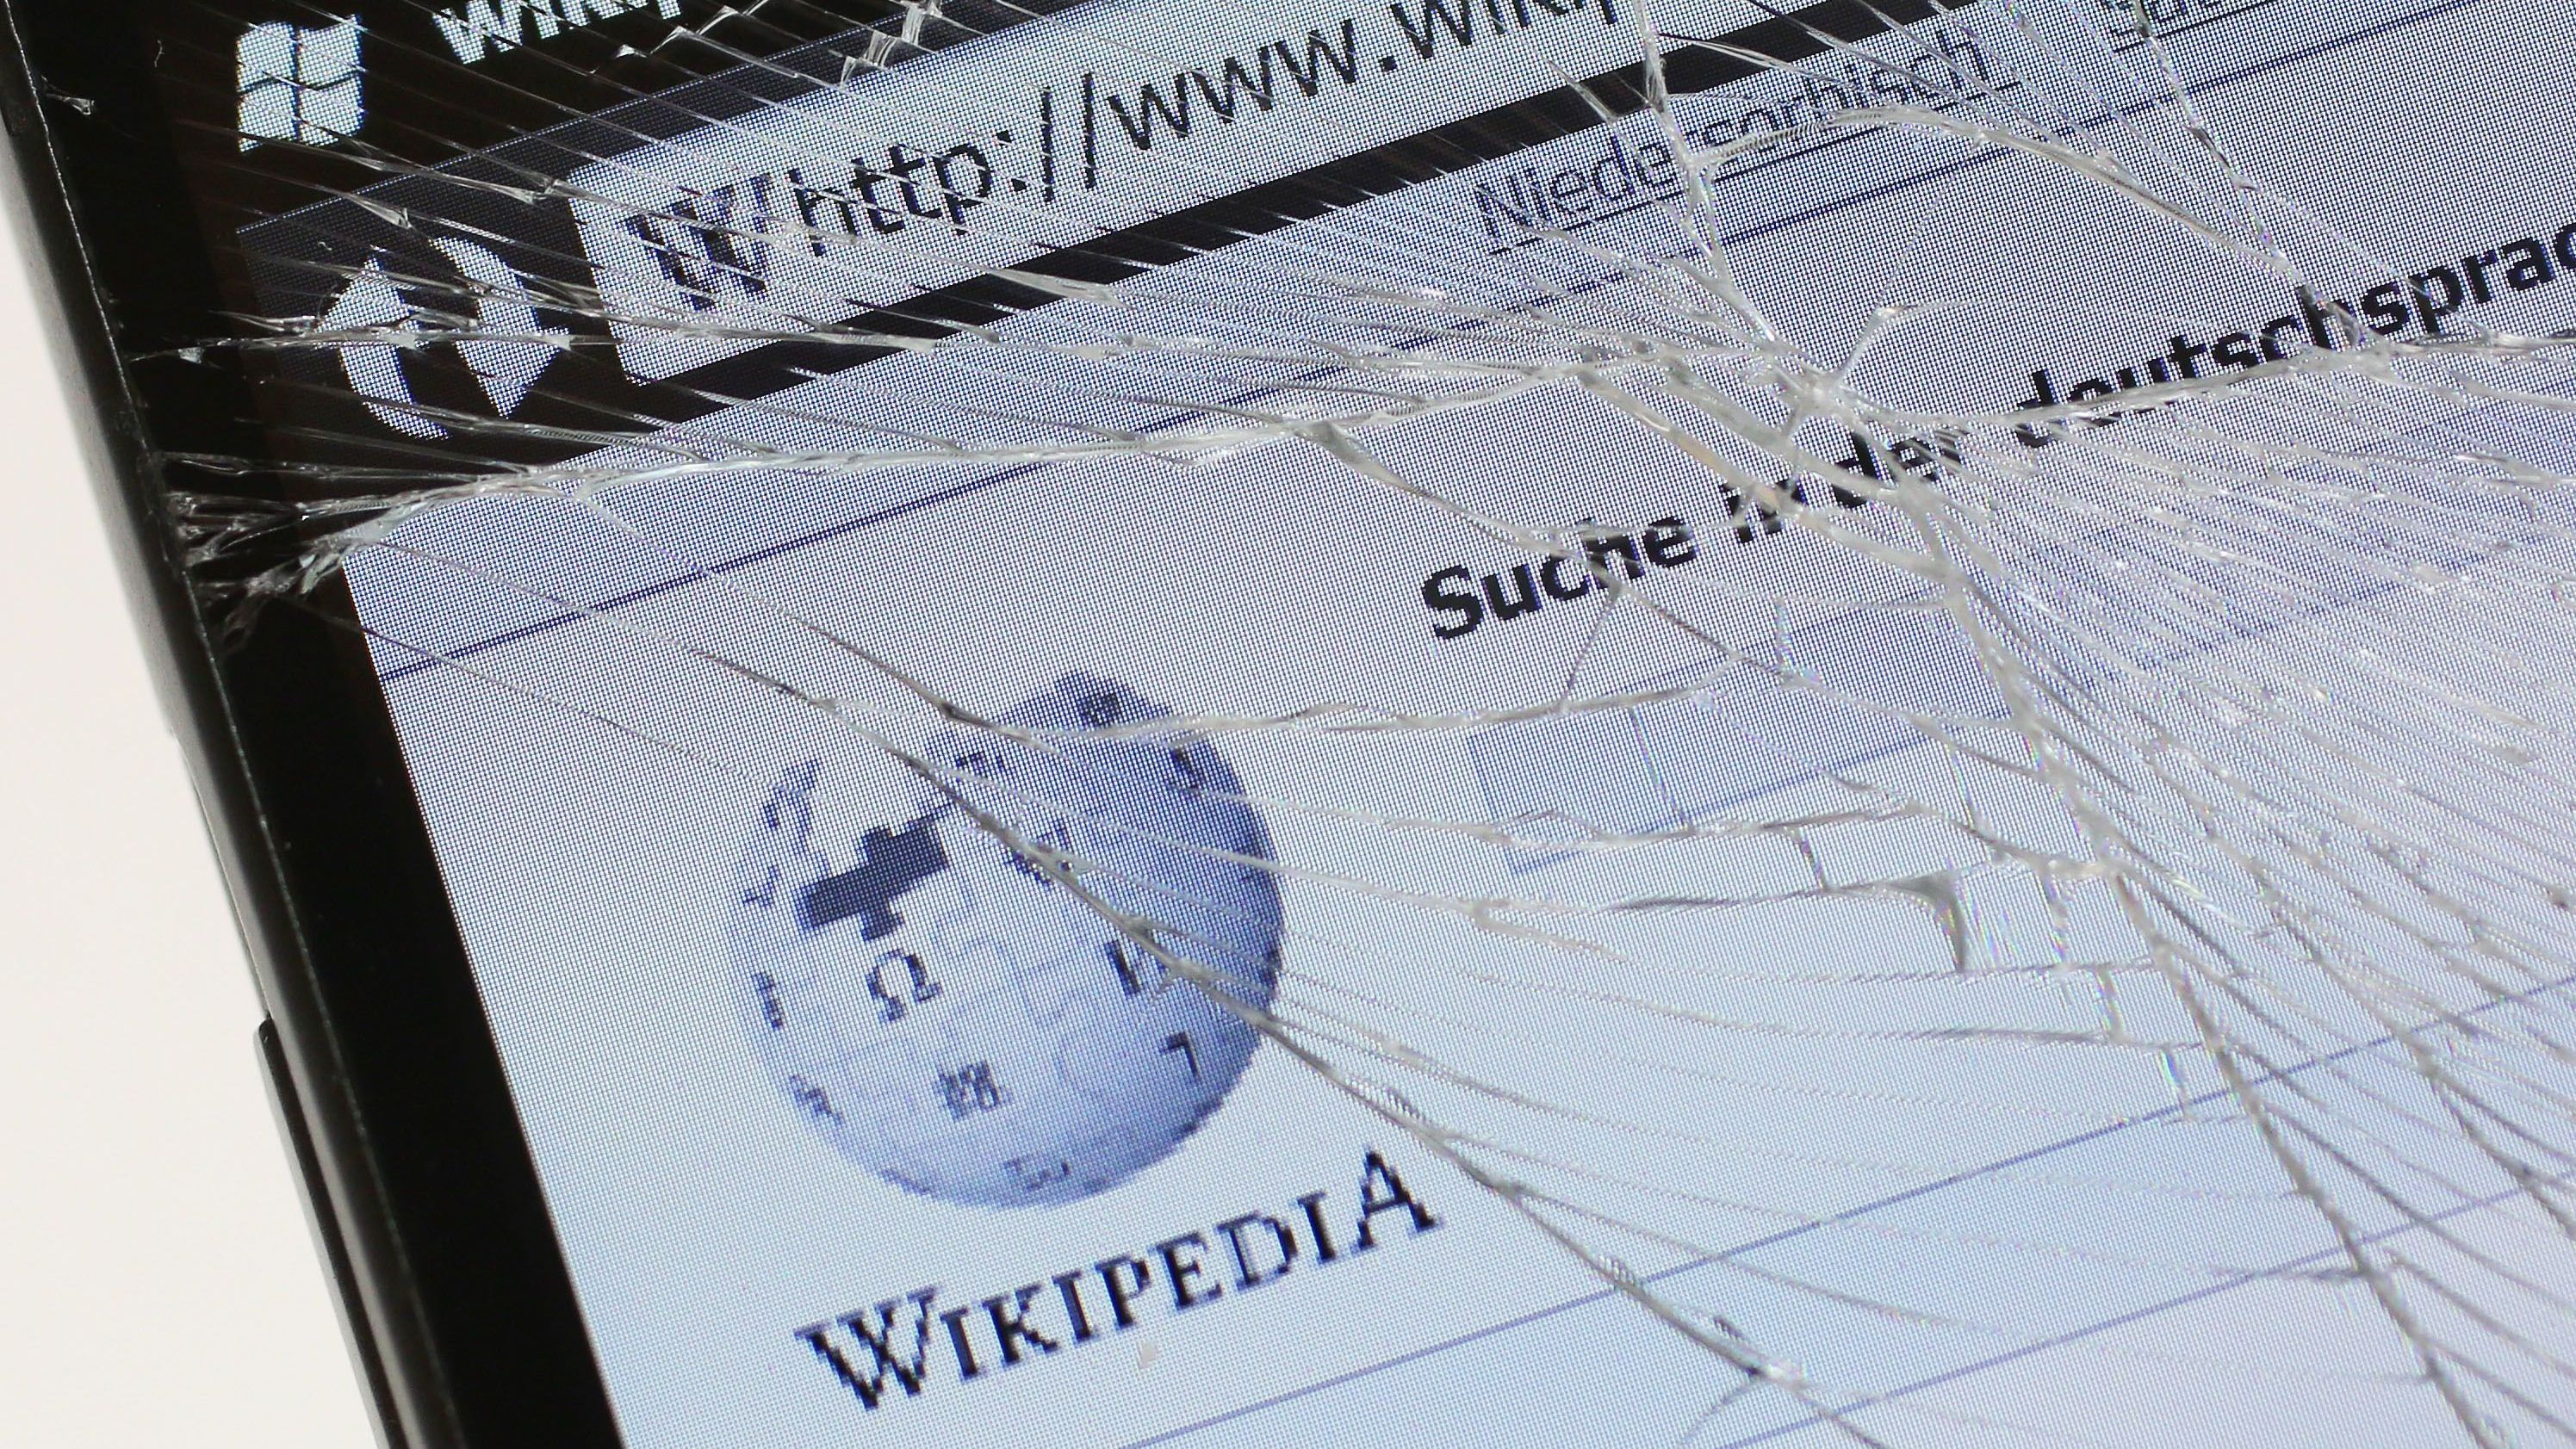 DDoS Attacke auf Wikipedia - Bild von Wikipedia aus zersplittertem Display